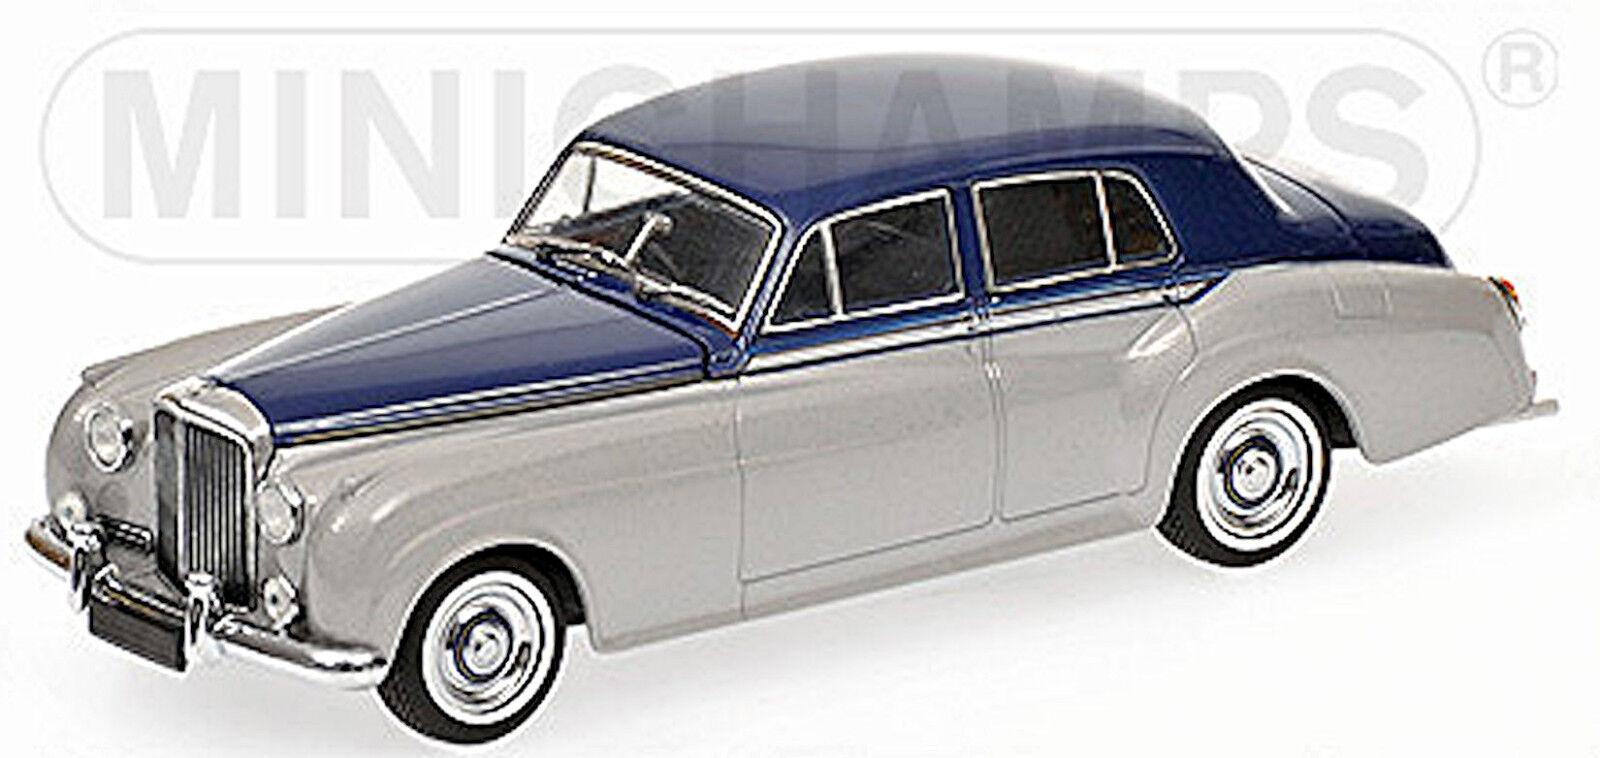 Bentley s2 Standart Saloon 1959-62 plata azul plata plata plata azul 1 43 Minichamps fe387d